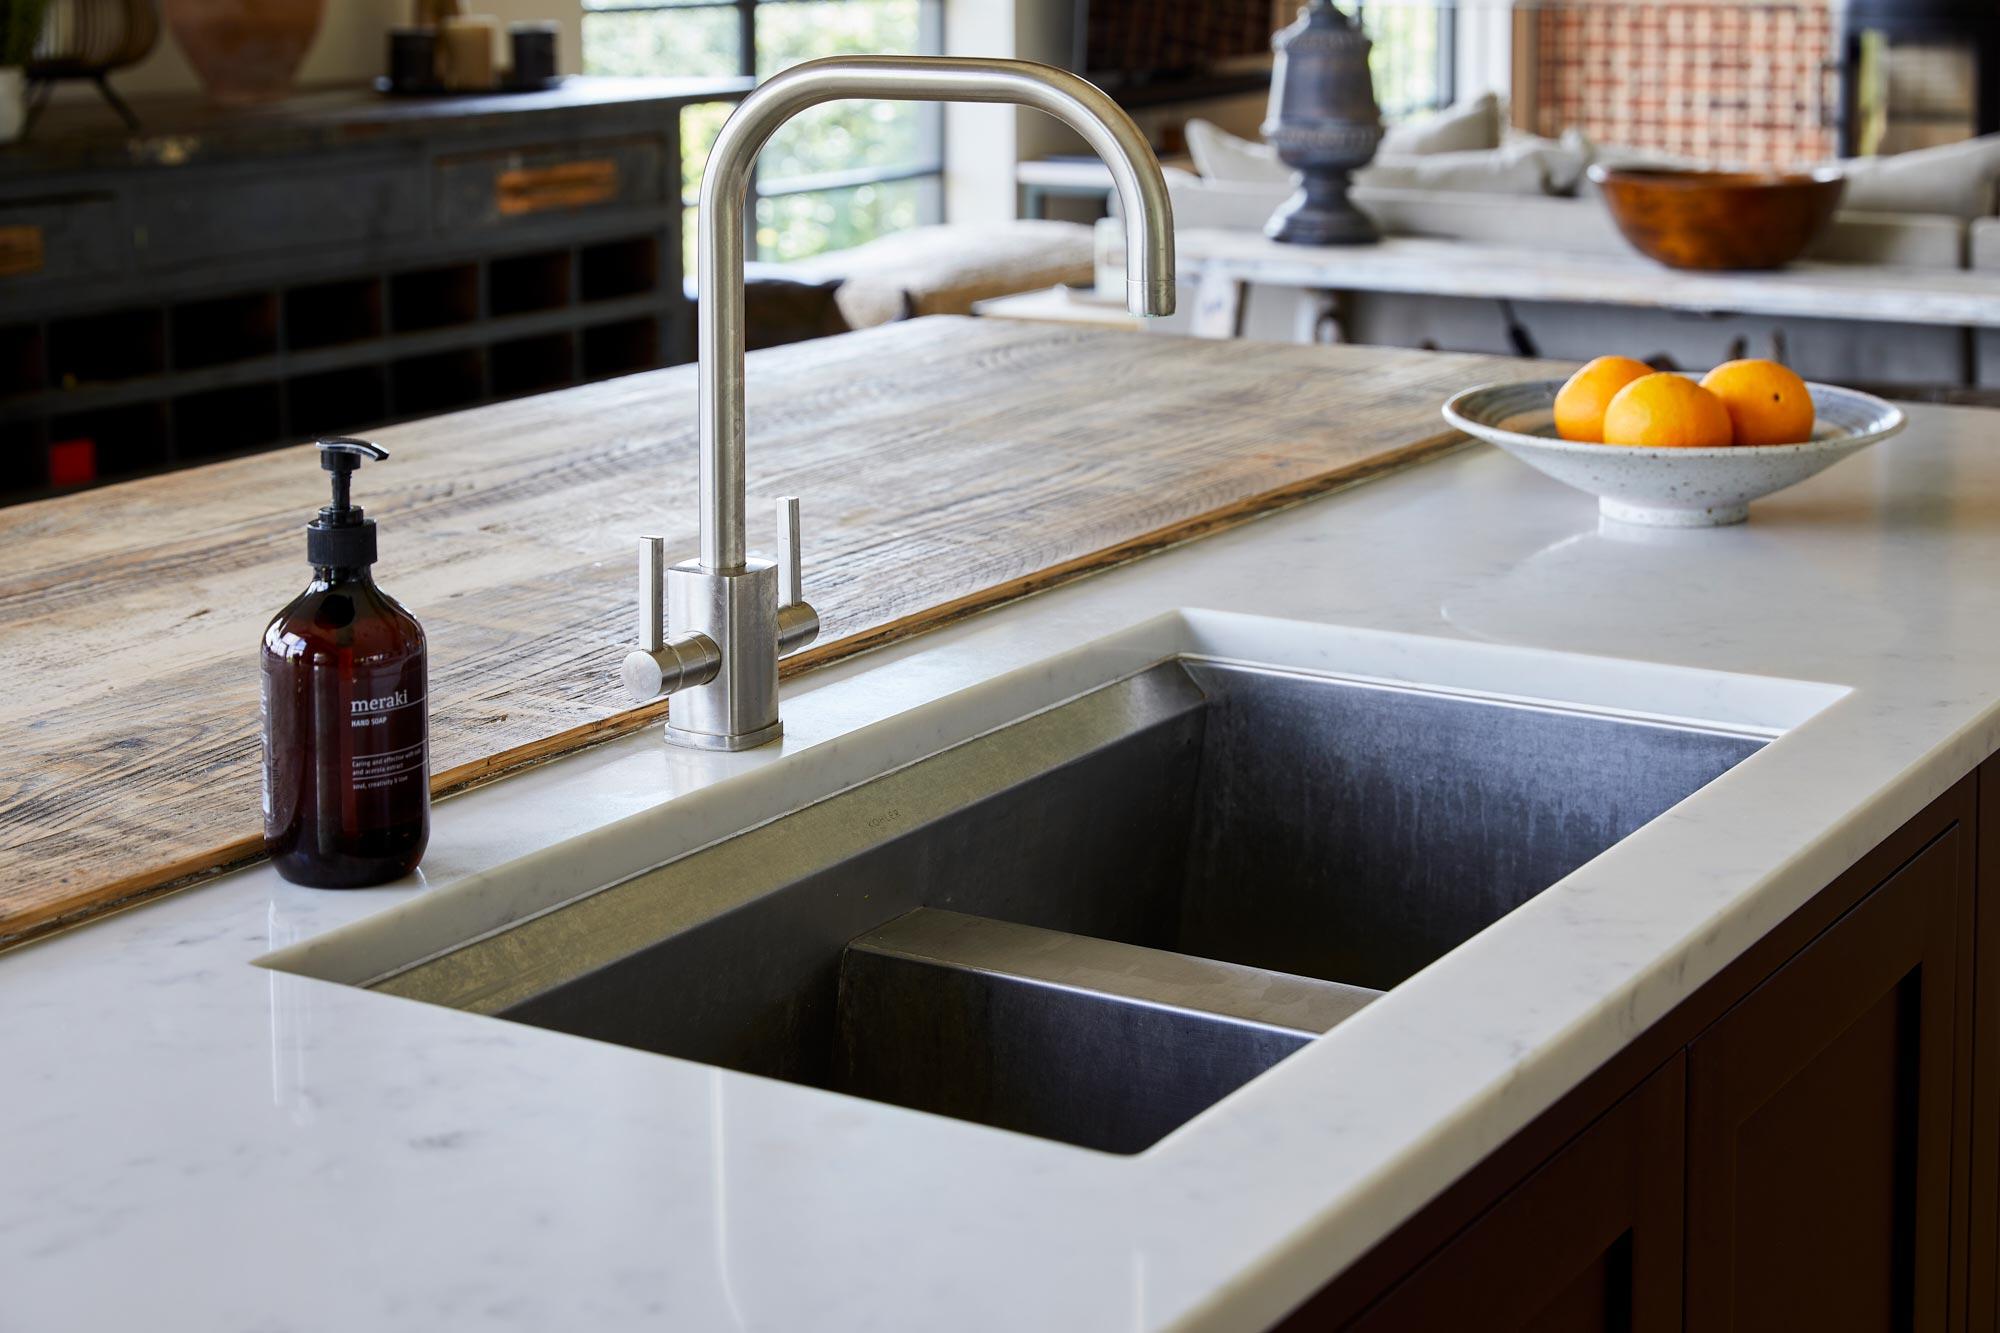 Kohler stainless steel sink